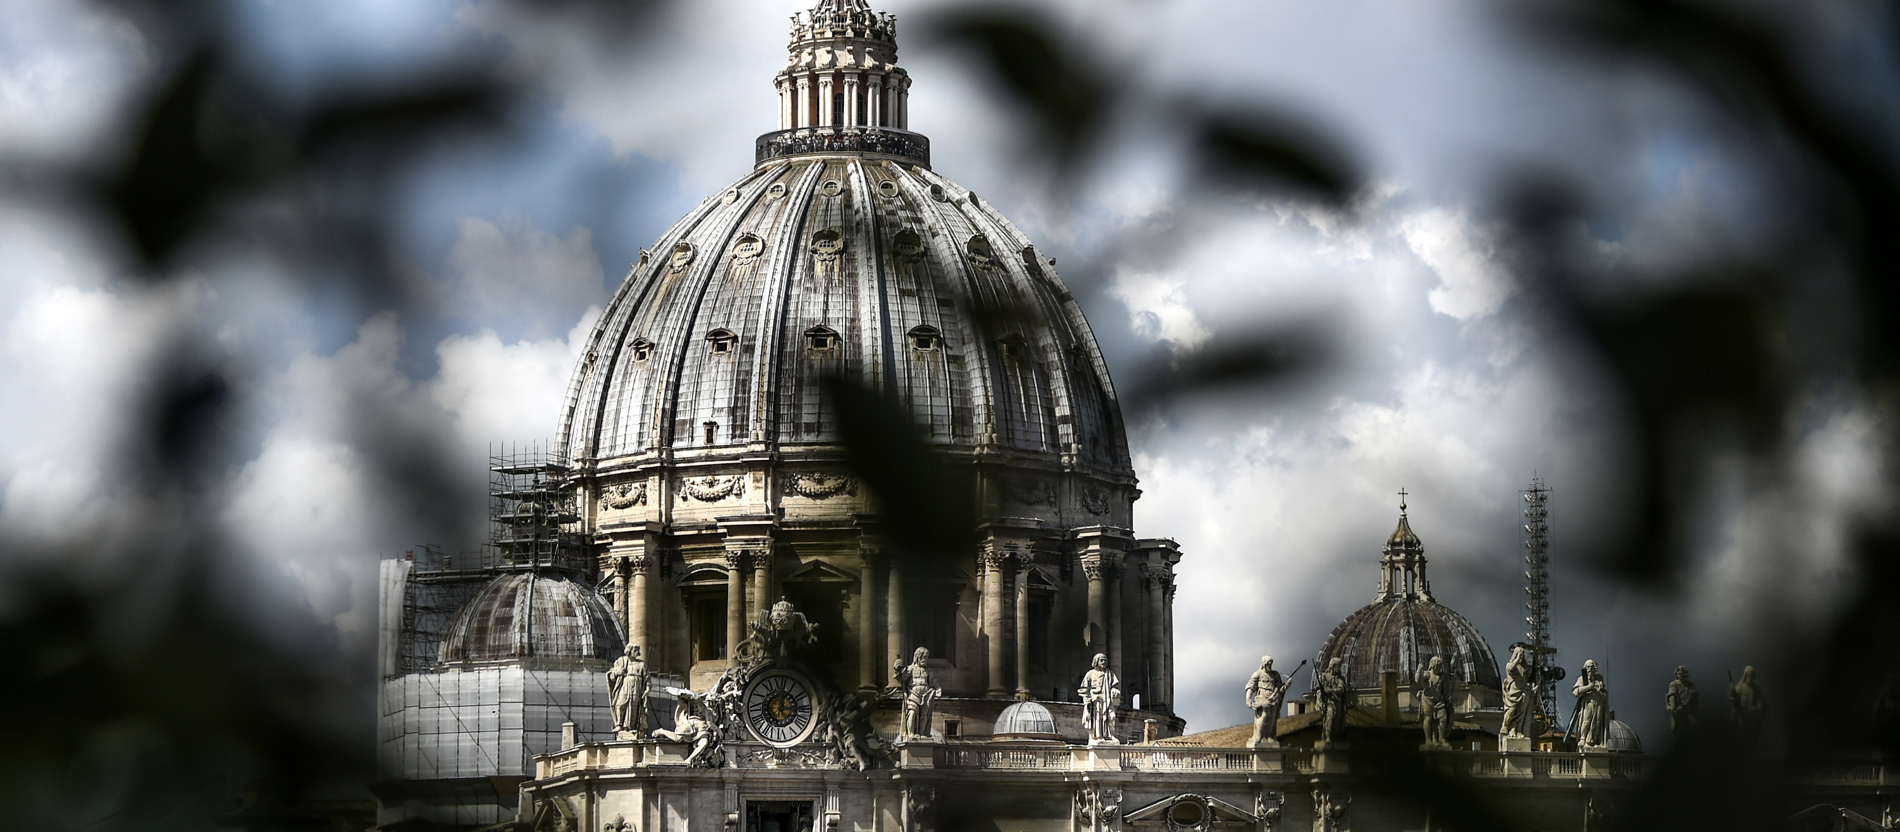 Vatikan will Daten zu Missbrauch weltweit veröffentlichen